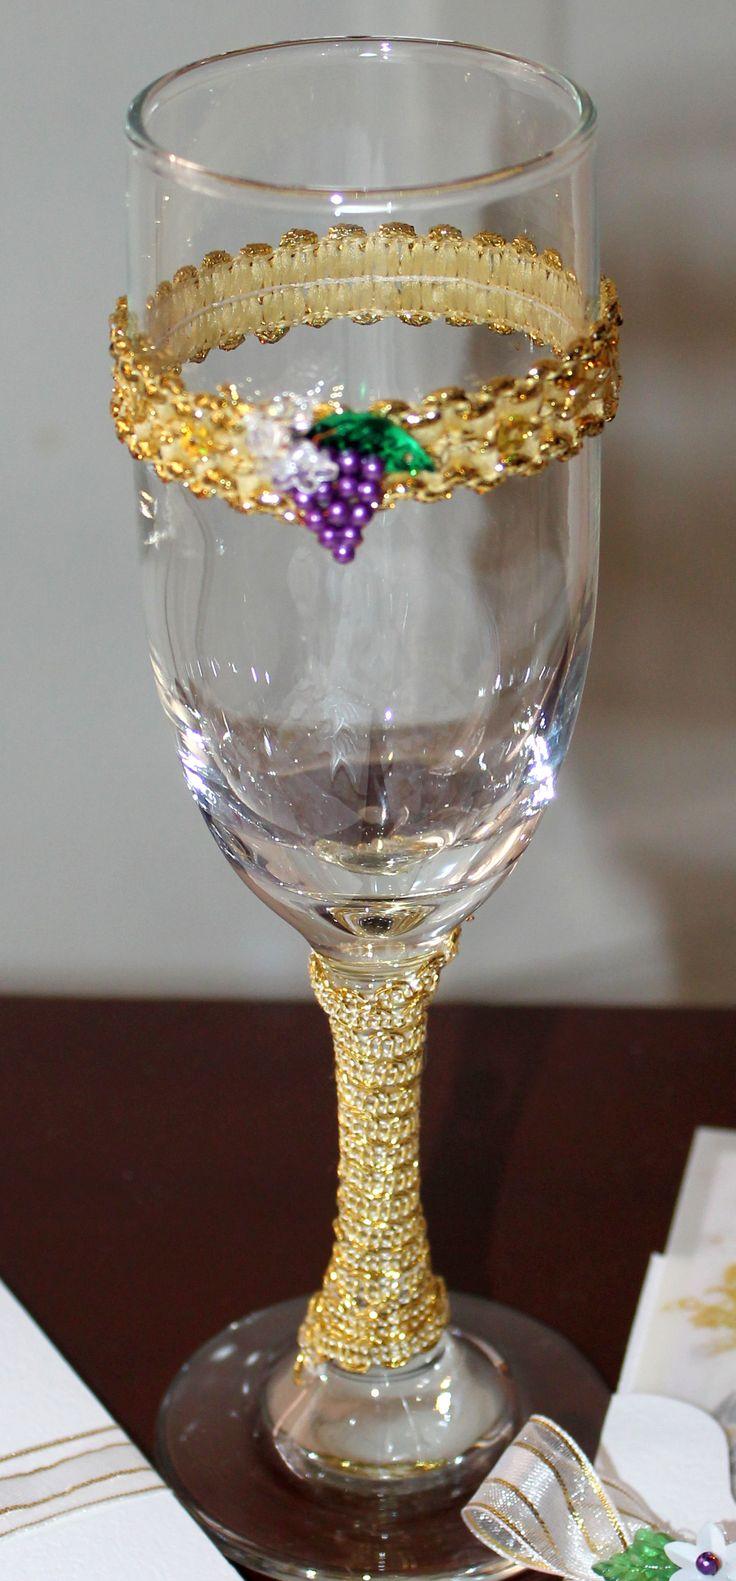 Copa para primera comunion arreglos para eventos pinterest copa comuni n y primera comuni n - Adornar mesas de comunion ...